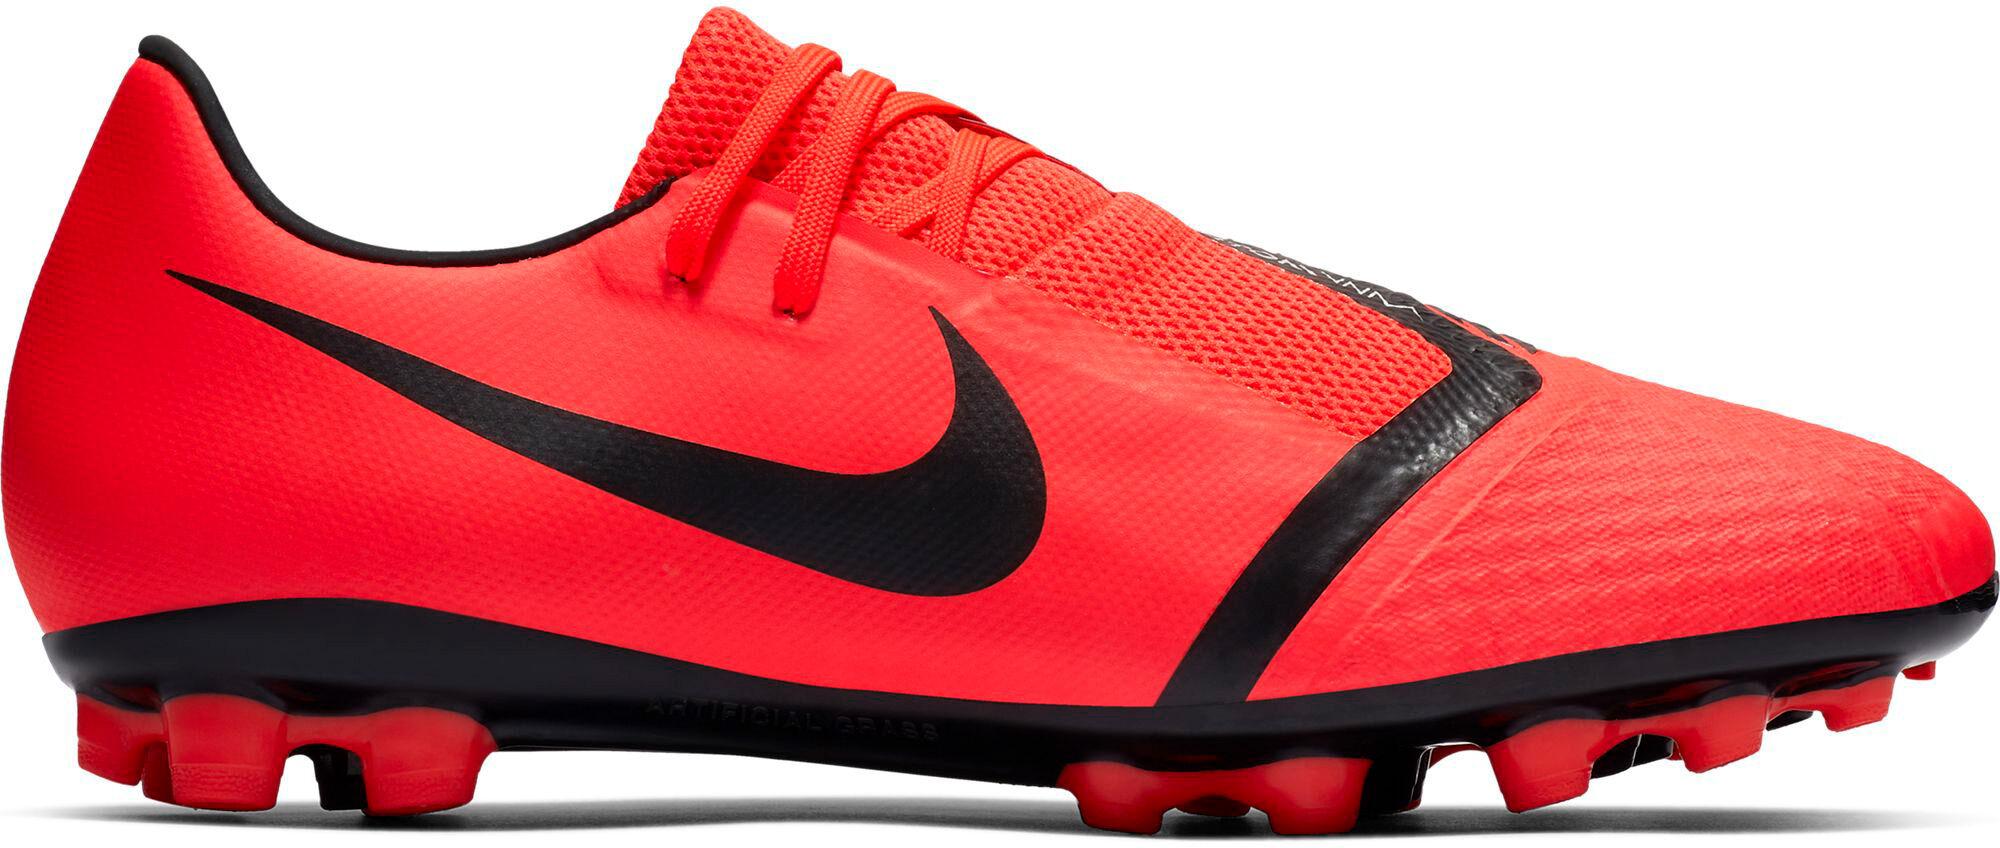 Nike · Botas de fútbol para césped artificial Phantom Venom Academy AG R Hombre